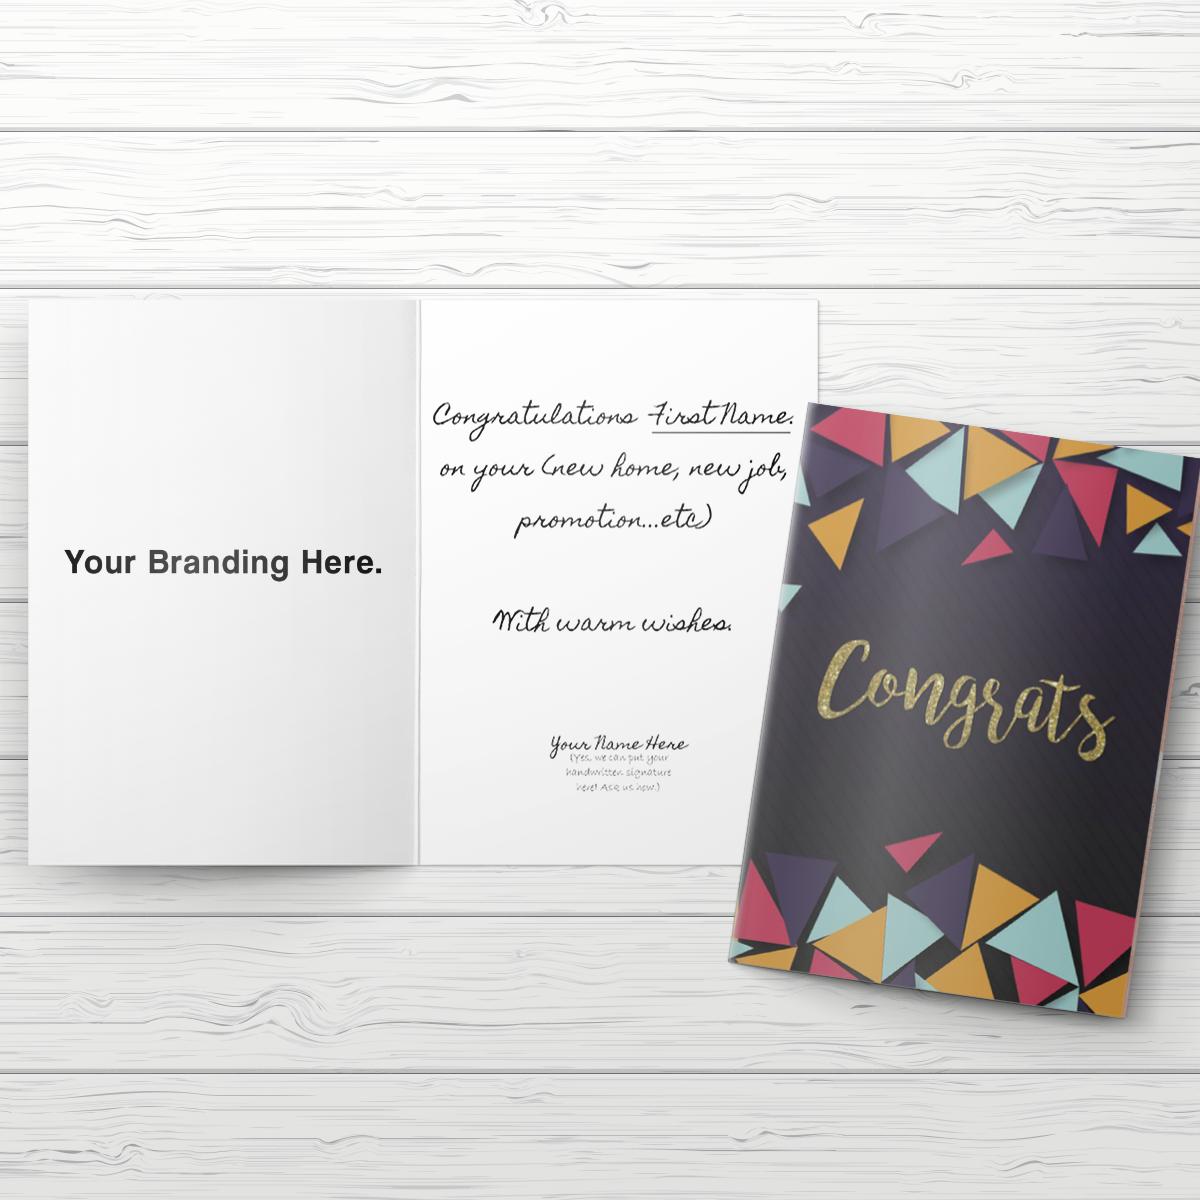 18-Congrats-Vertical-Card2.png